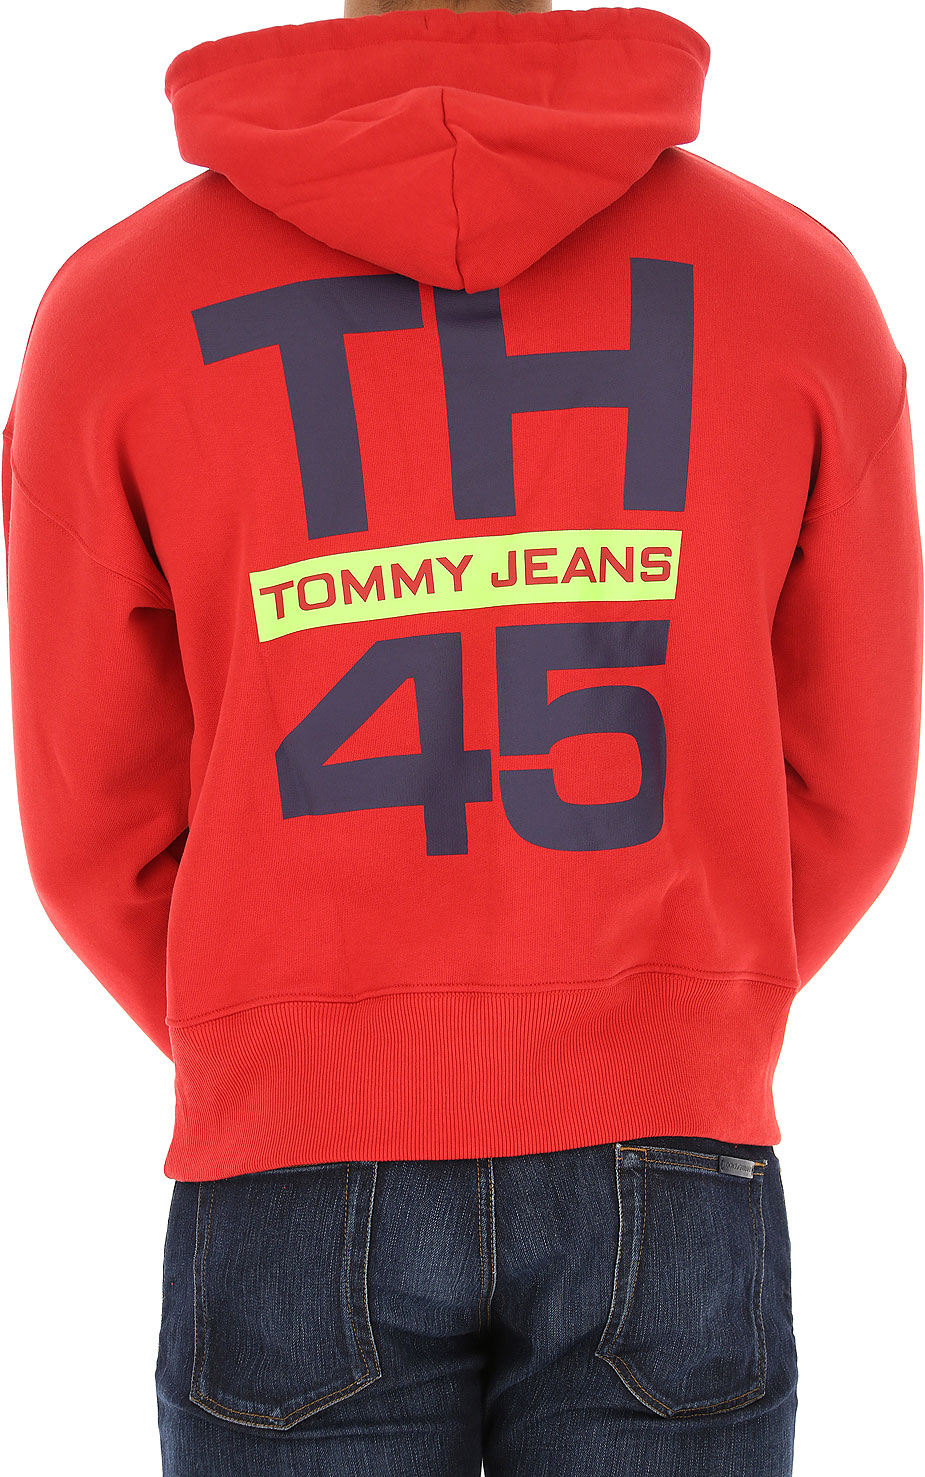 Abbigliamento Uomo Tommy Hilfiger Codice Articolo Dw0dw05391-694-